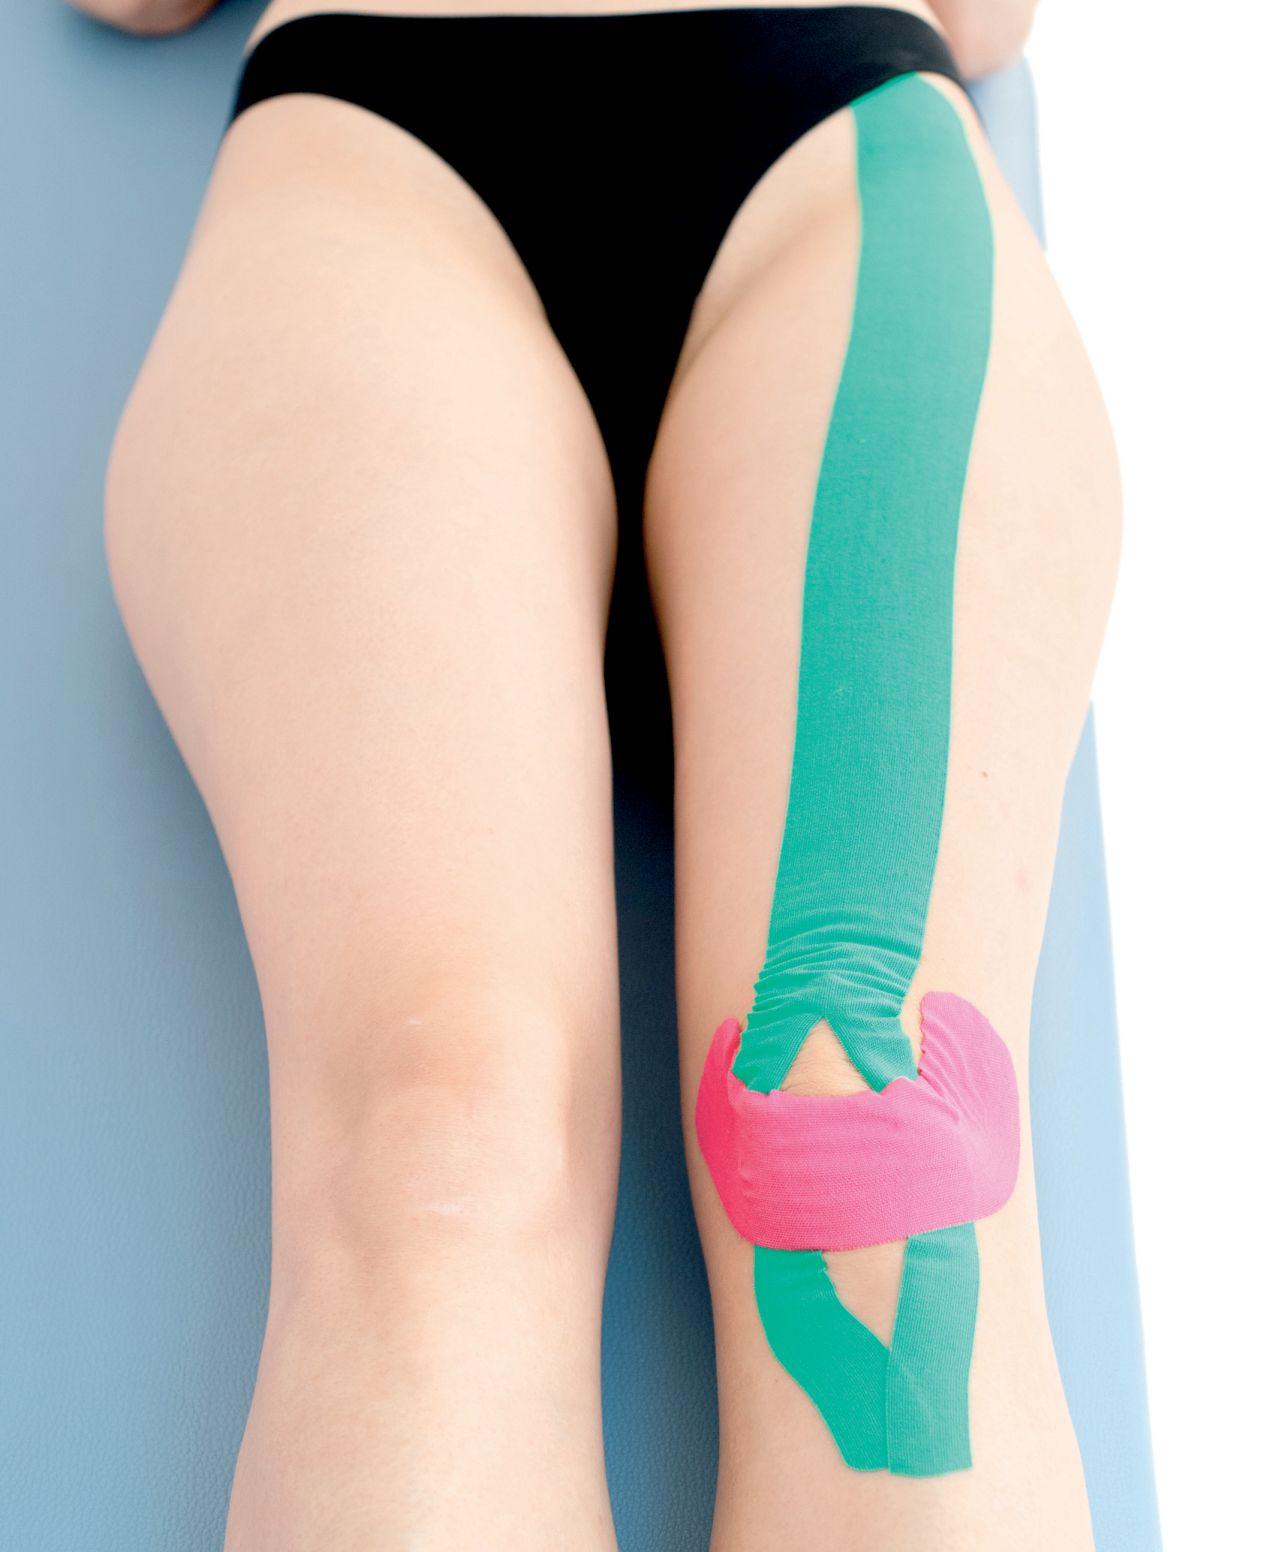 Tejpování úponů stehenního svalu 1